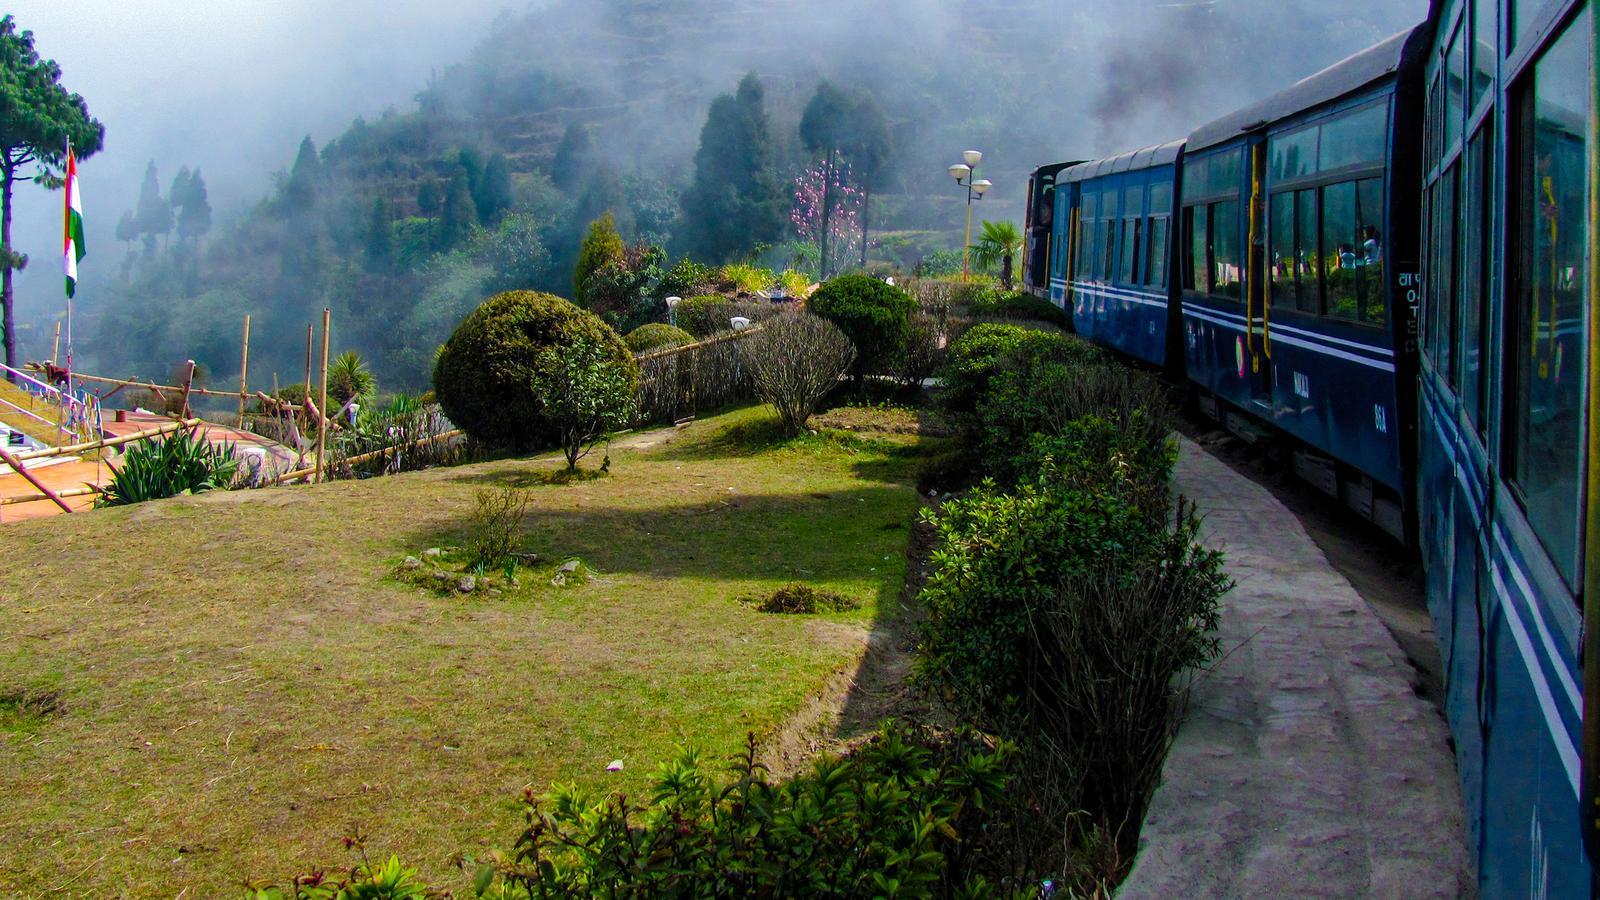 Nordostindien & Darjeeling Erlebnisreise mit dem Zug in der Gruppe traveljunkies